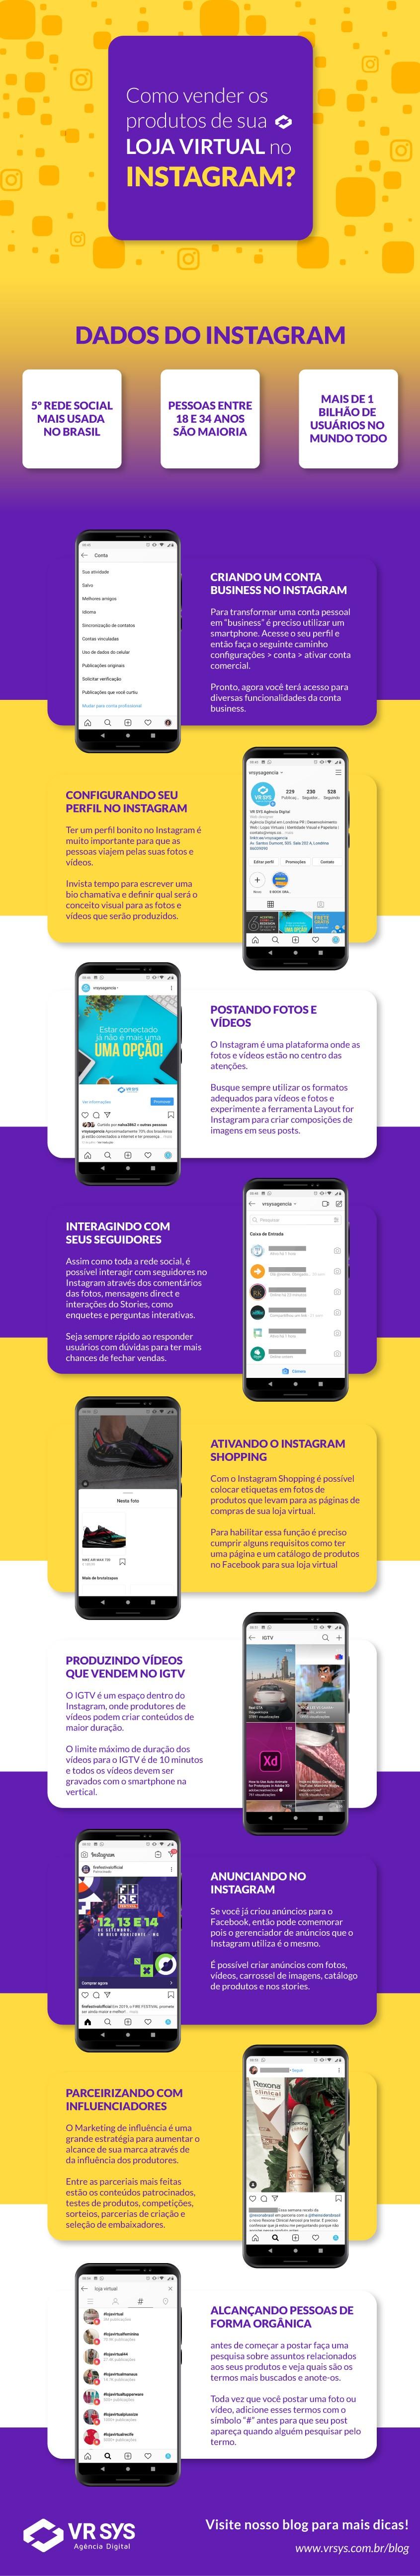 Como vender os produtos de sua loja virtual no Instagram?